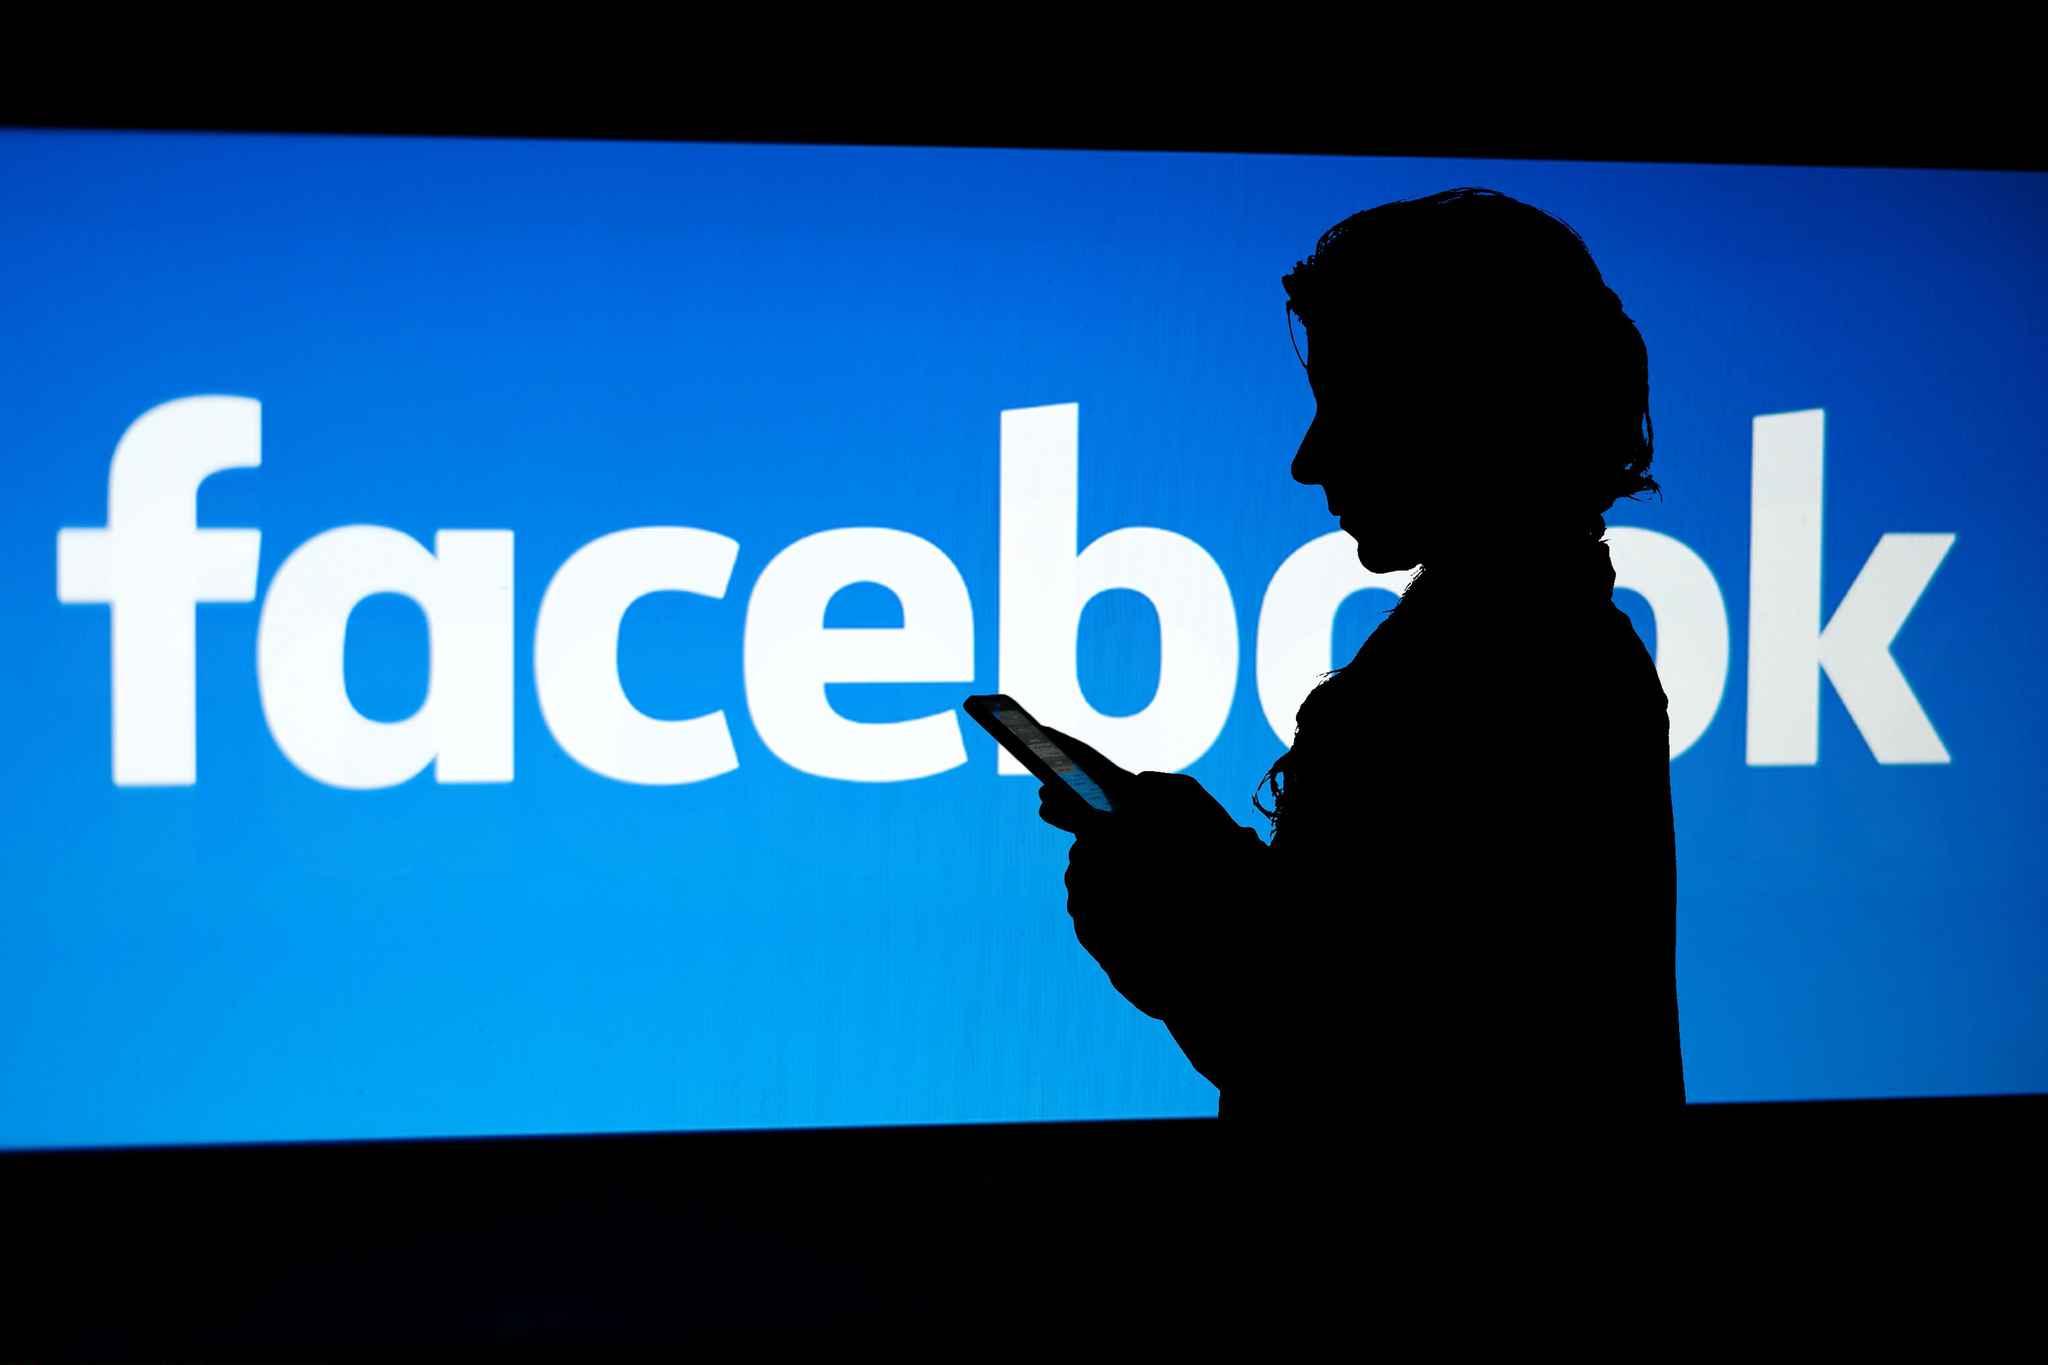 Facebook démarre le Community Help, un service d'entraide pour les crises majeures